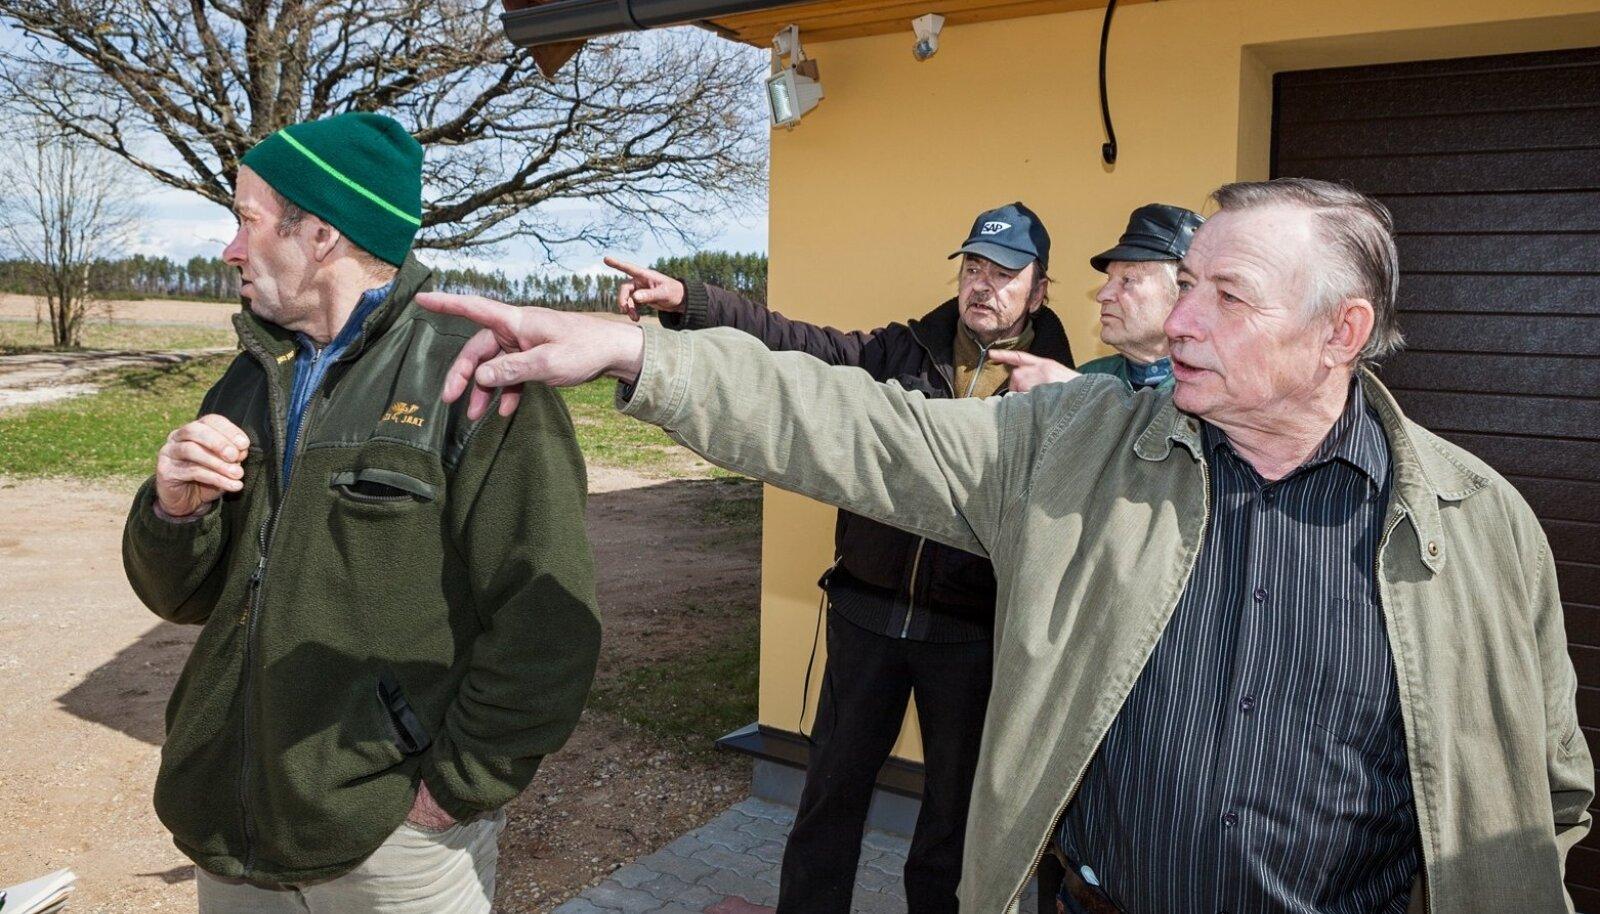 Arvi Laanejõe, Valeri Kuzmin, Turju Puusepp ja Ats Armulik järjekordse suitsupahvaku poole vaatamas.